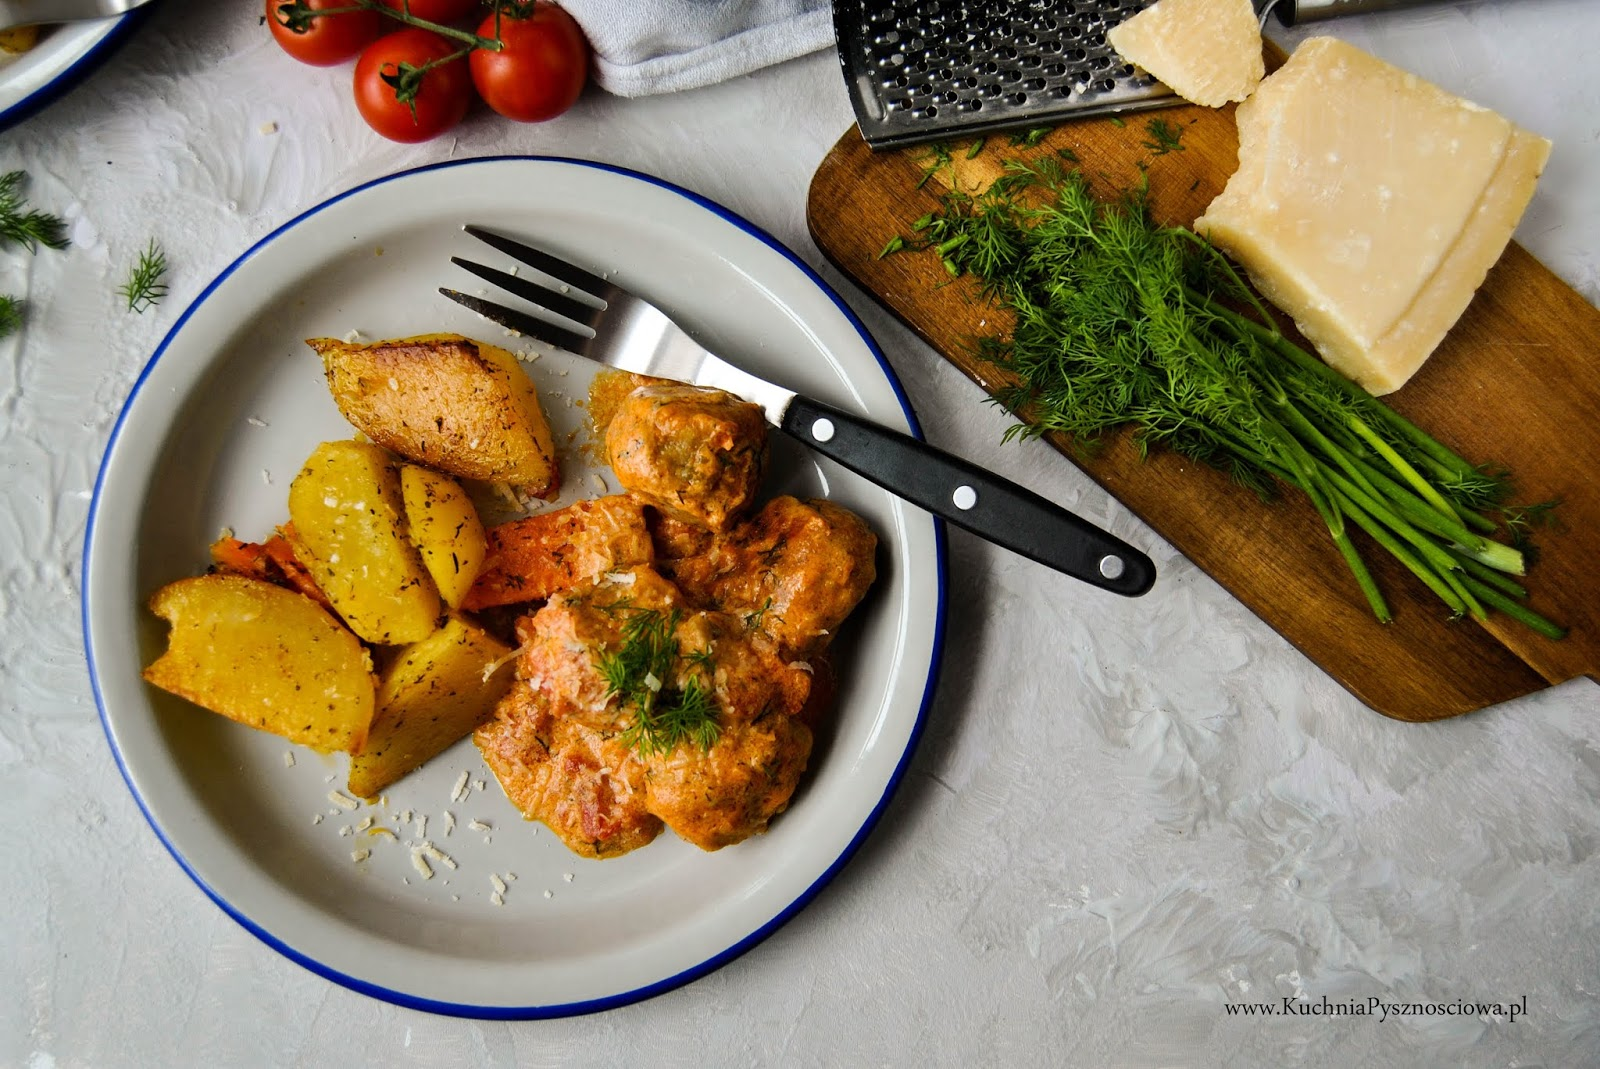 670. Pulpety z indyka w sosie pomidorowym z koperkiem